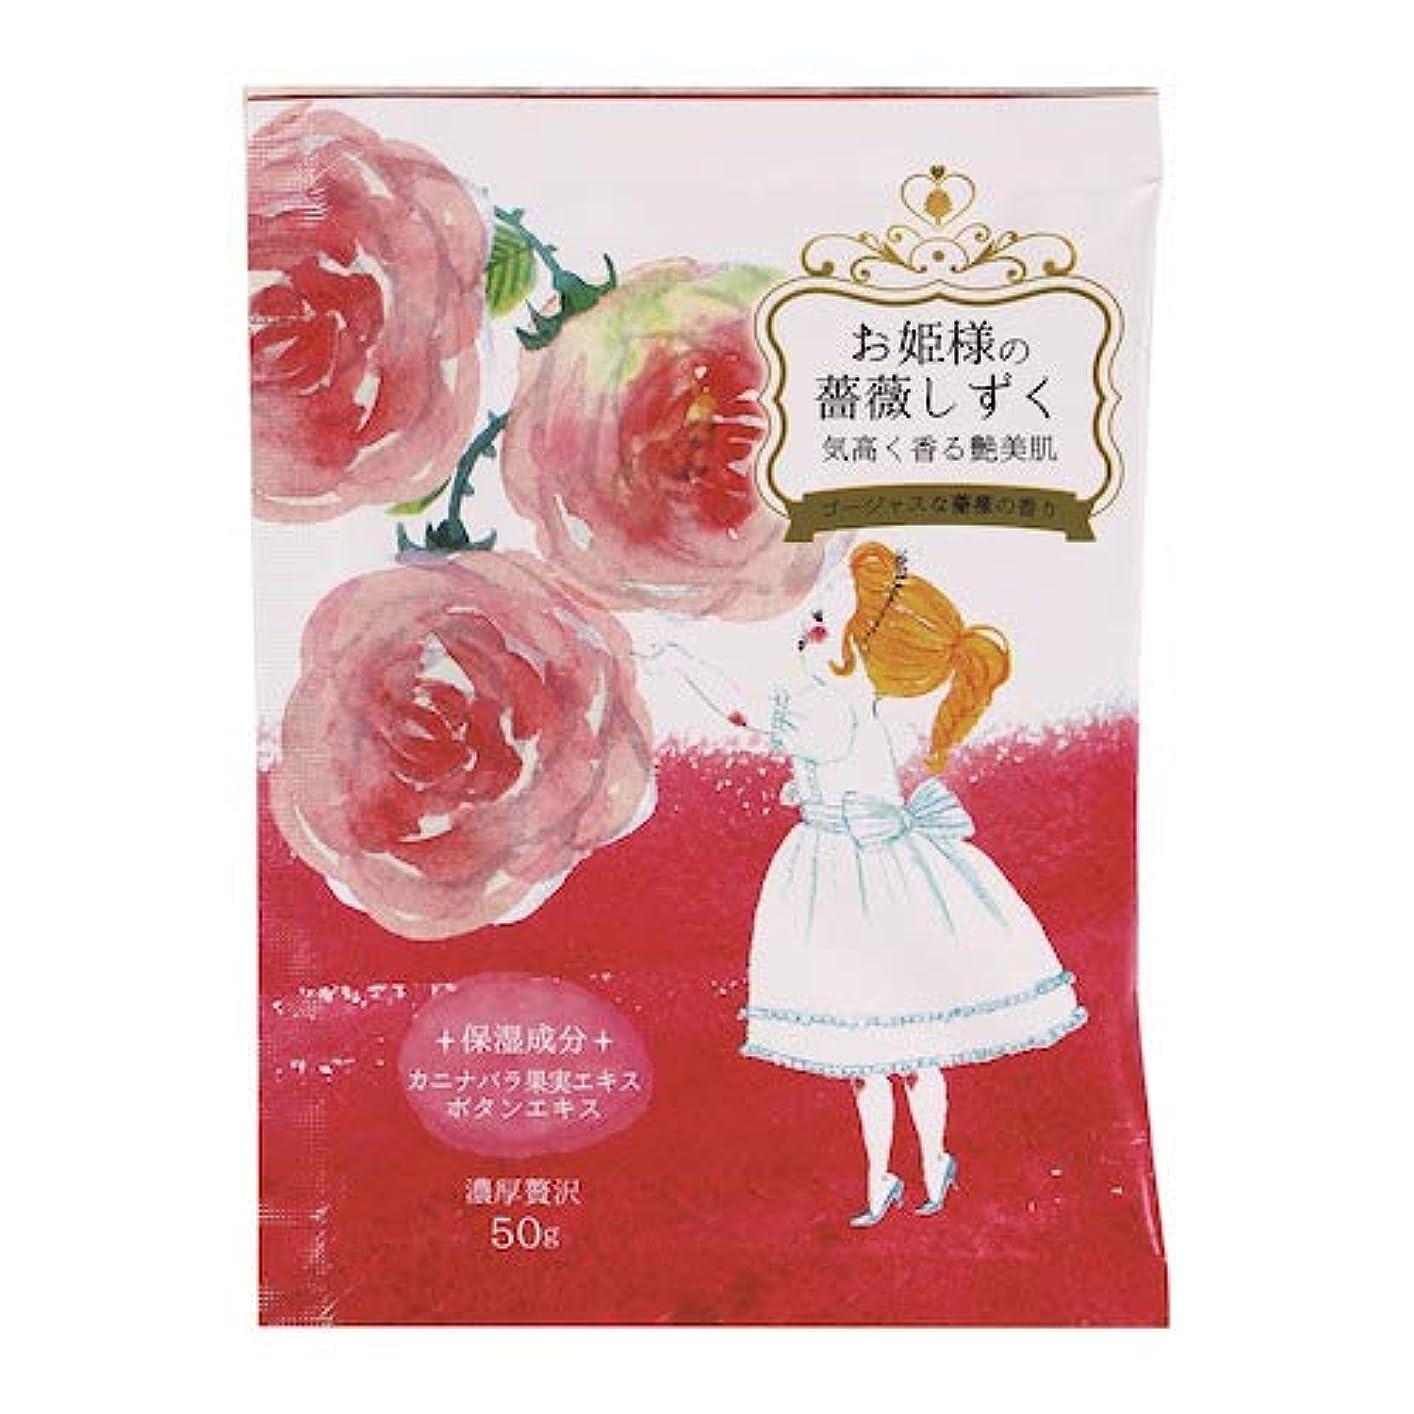 麻痺カッターたぶん紀陽除虫菊 お姫様の薔薇しずく 50g